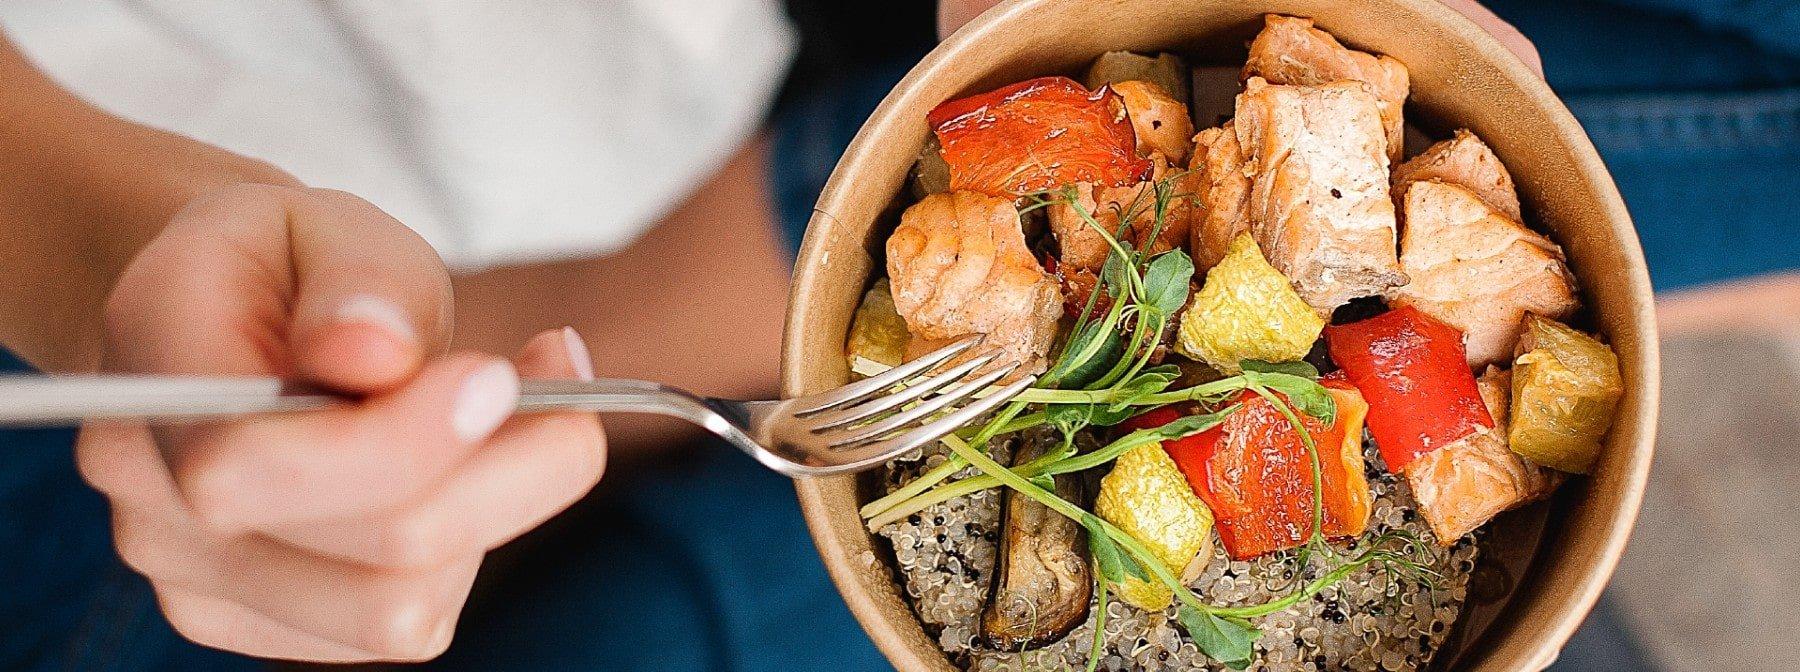 Bleibe gesund während des Lockdowns mit diesem 7-tägigen Ernährungsplan